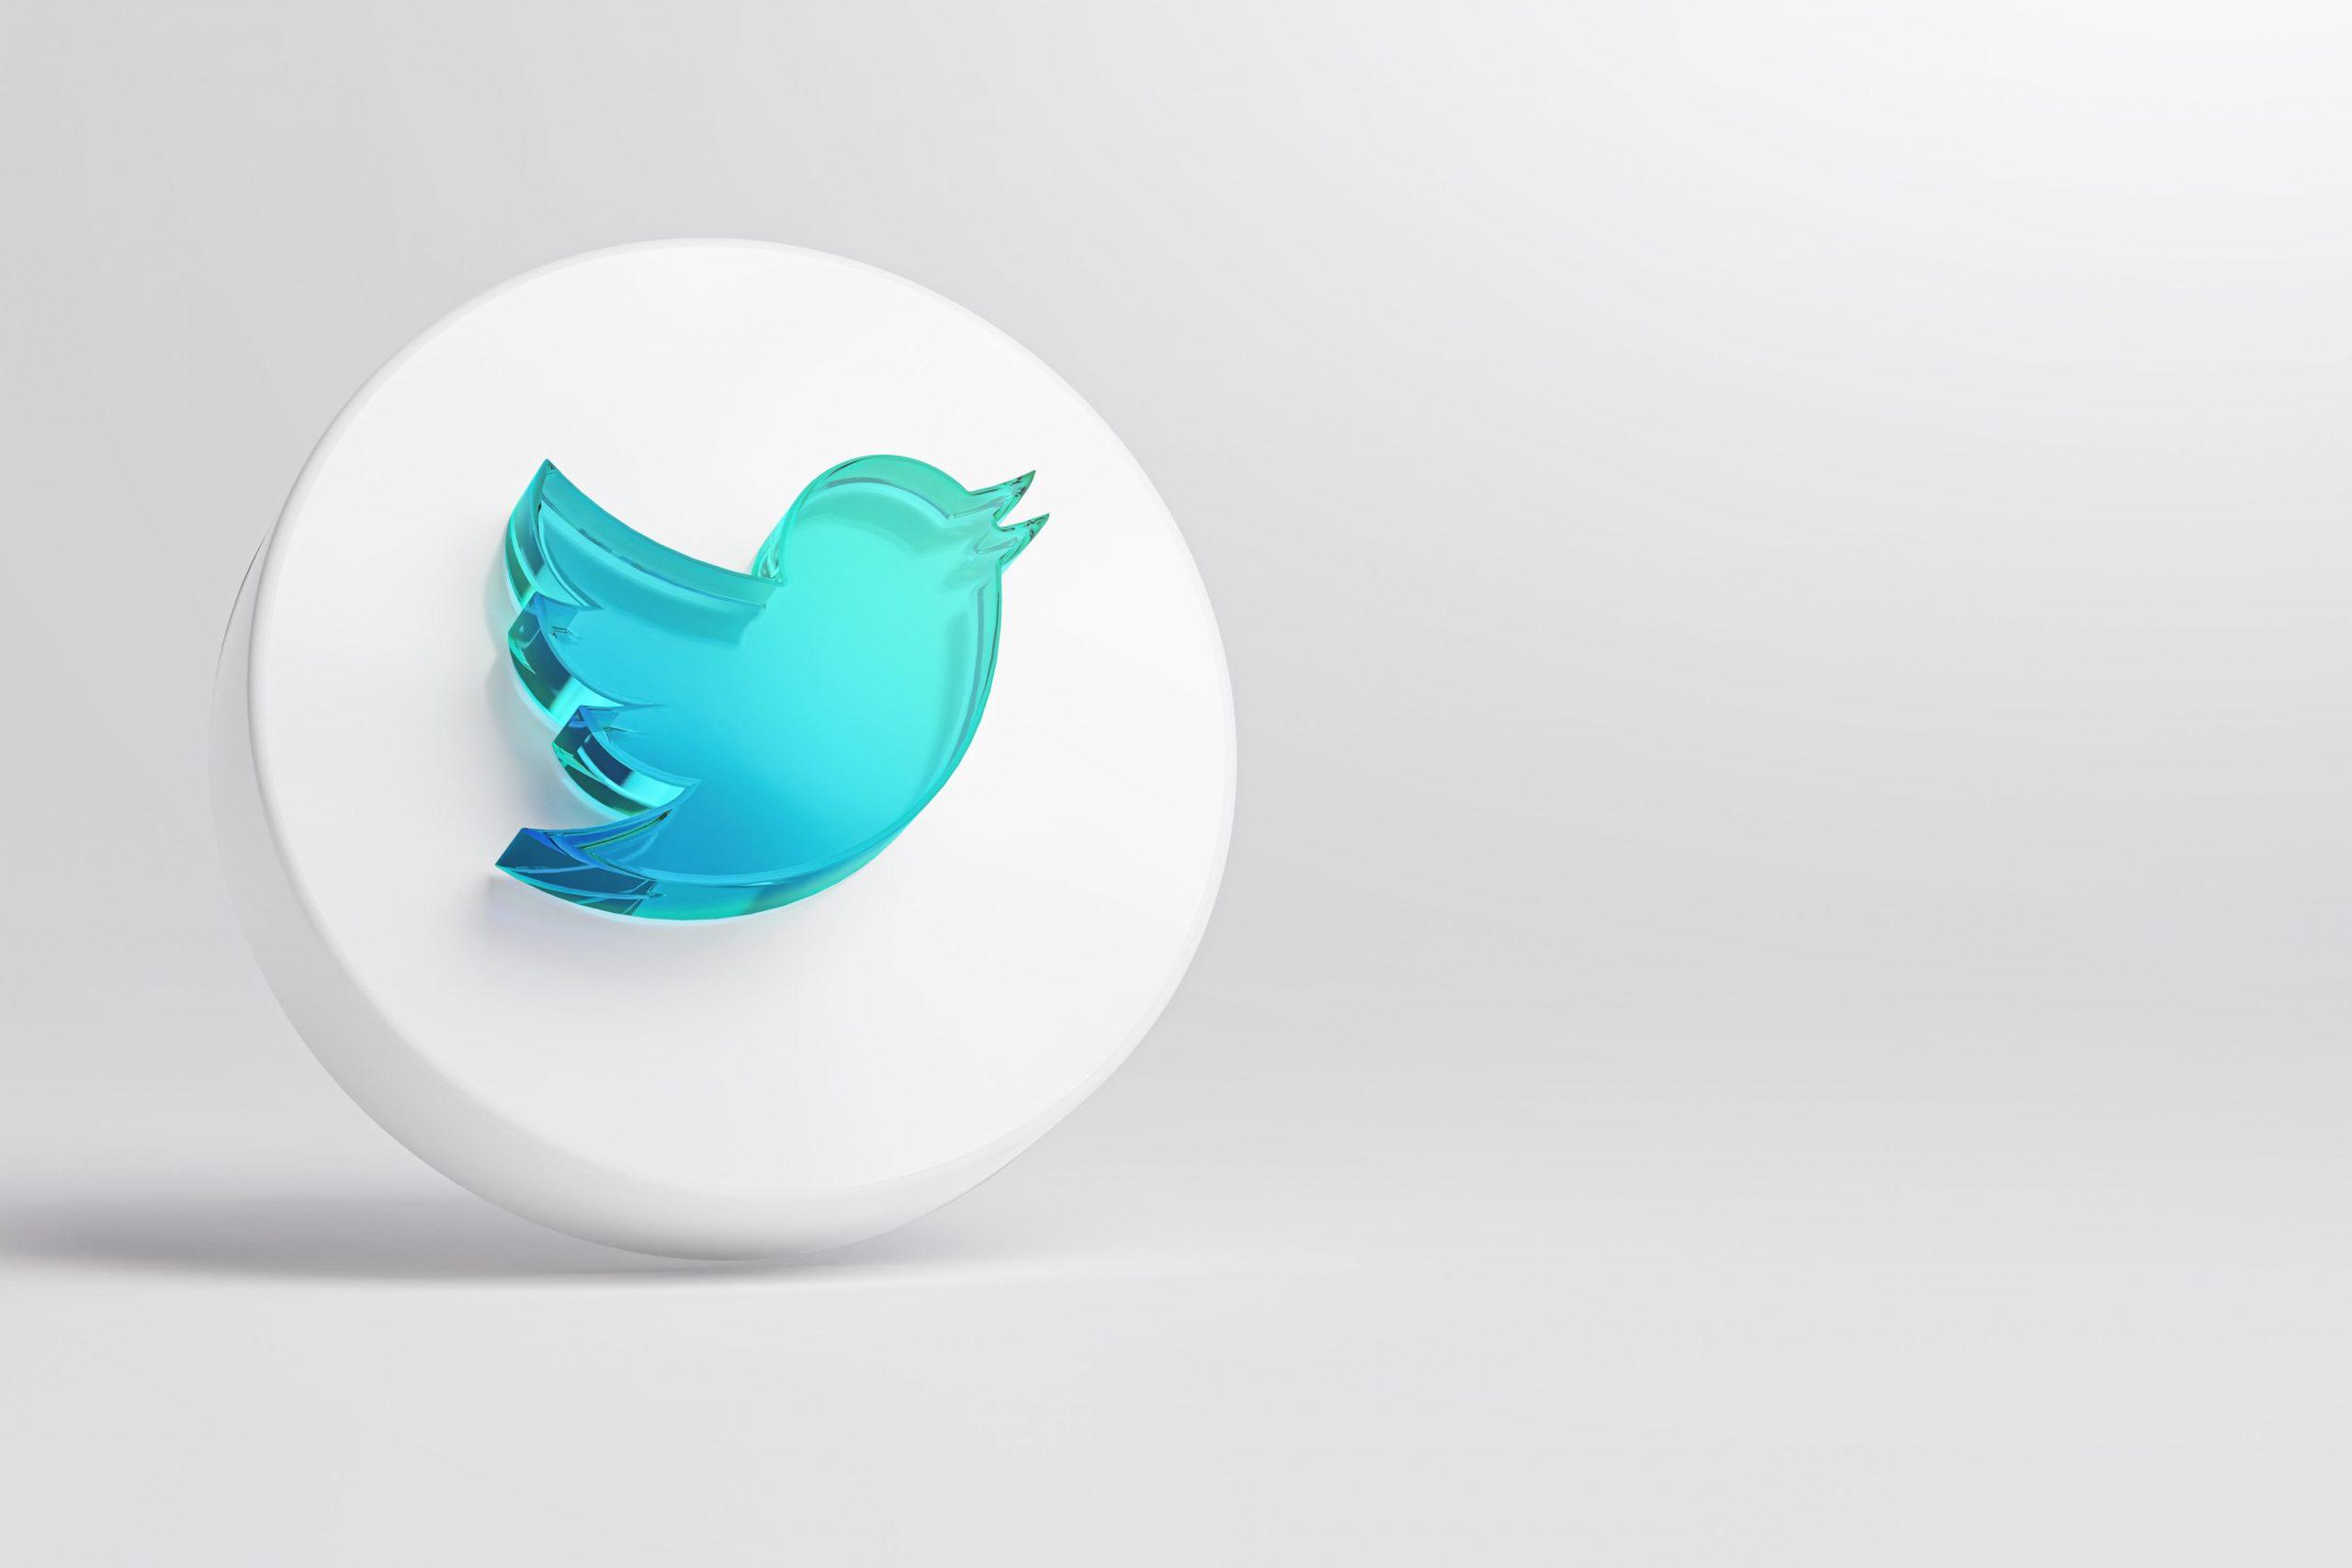 Twitter começa a liberar versão paga que oferece recursos adicionais